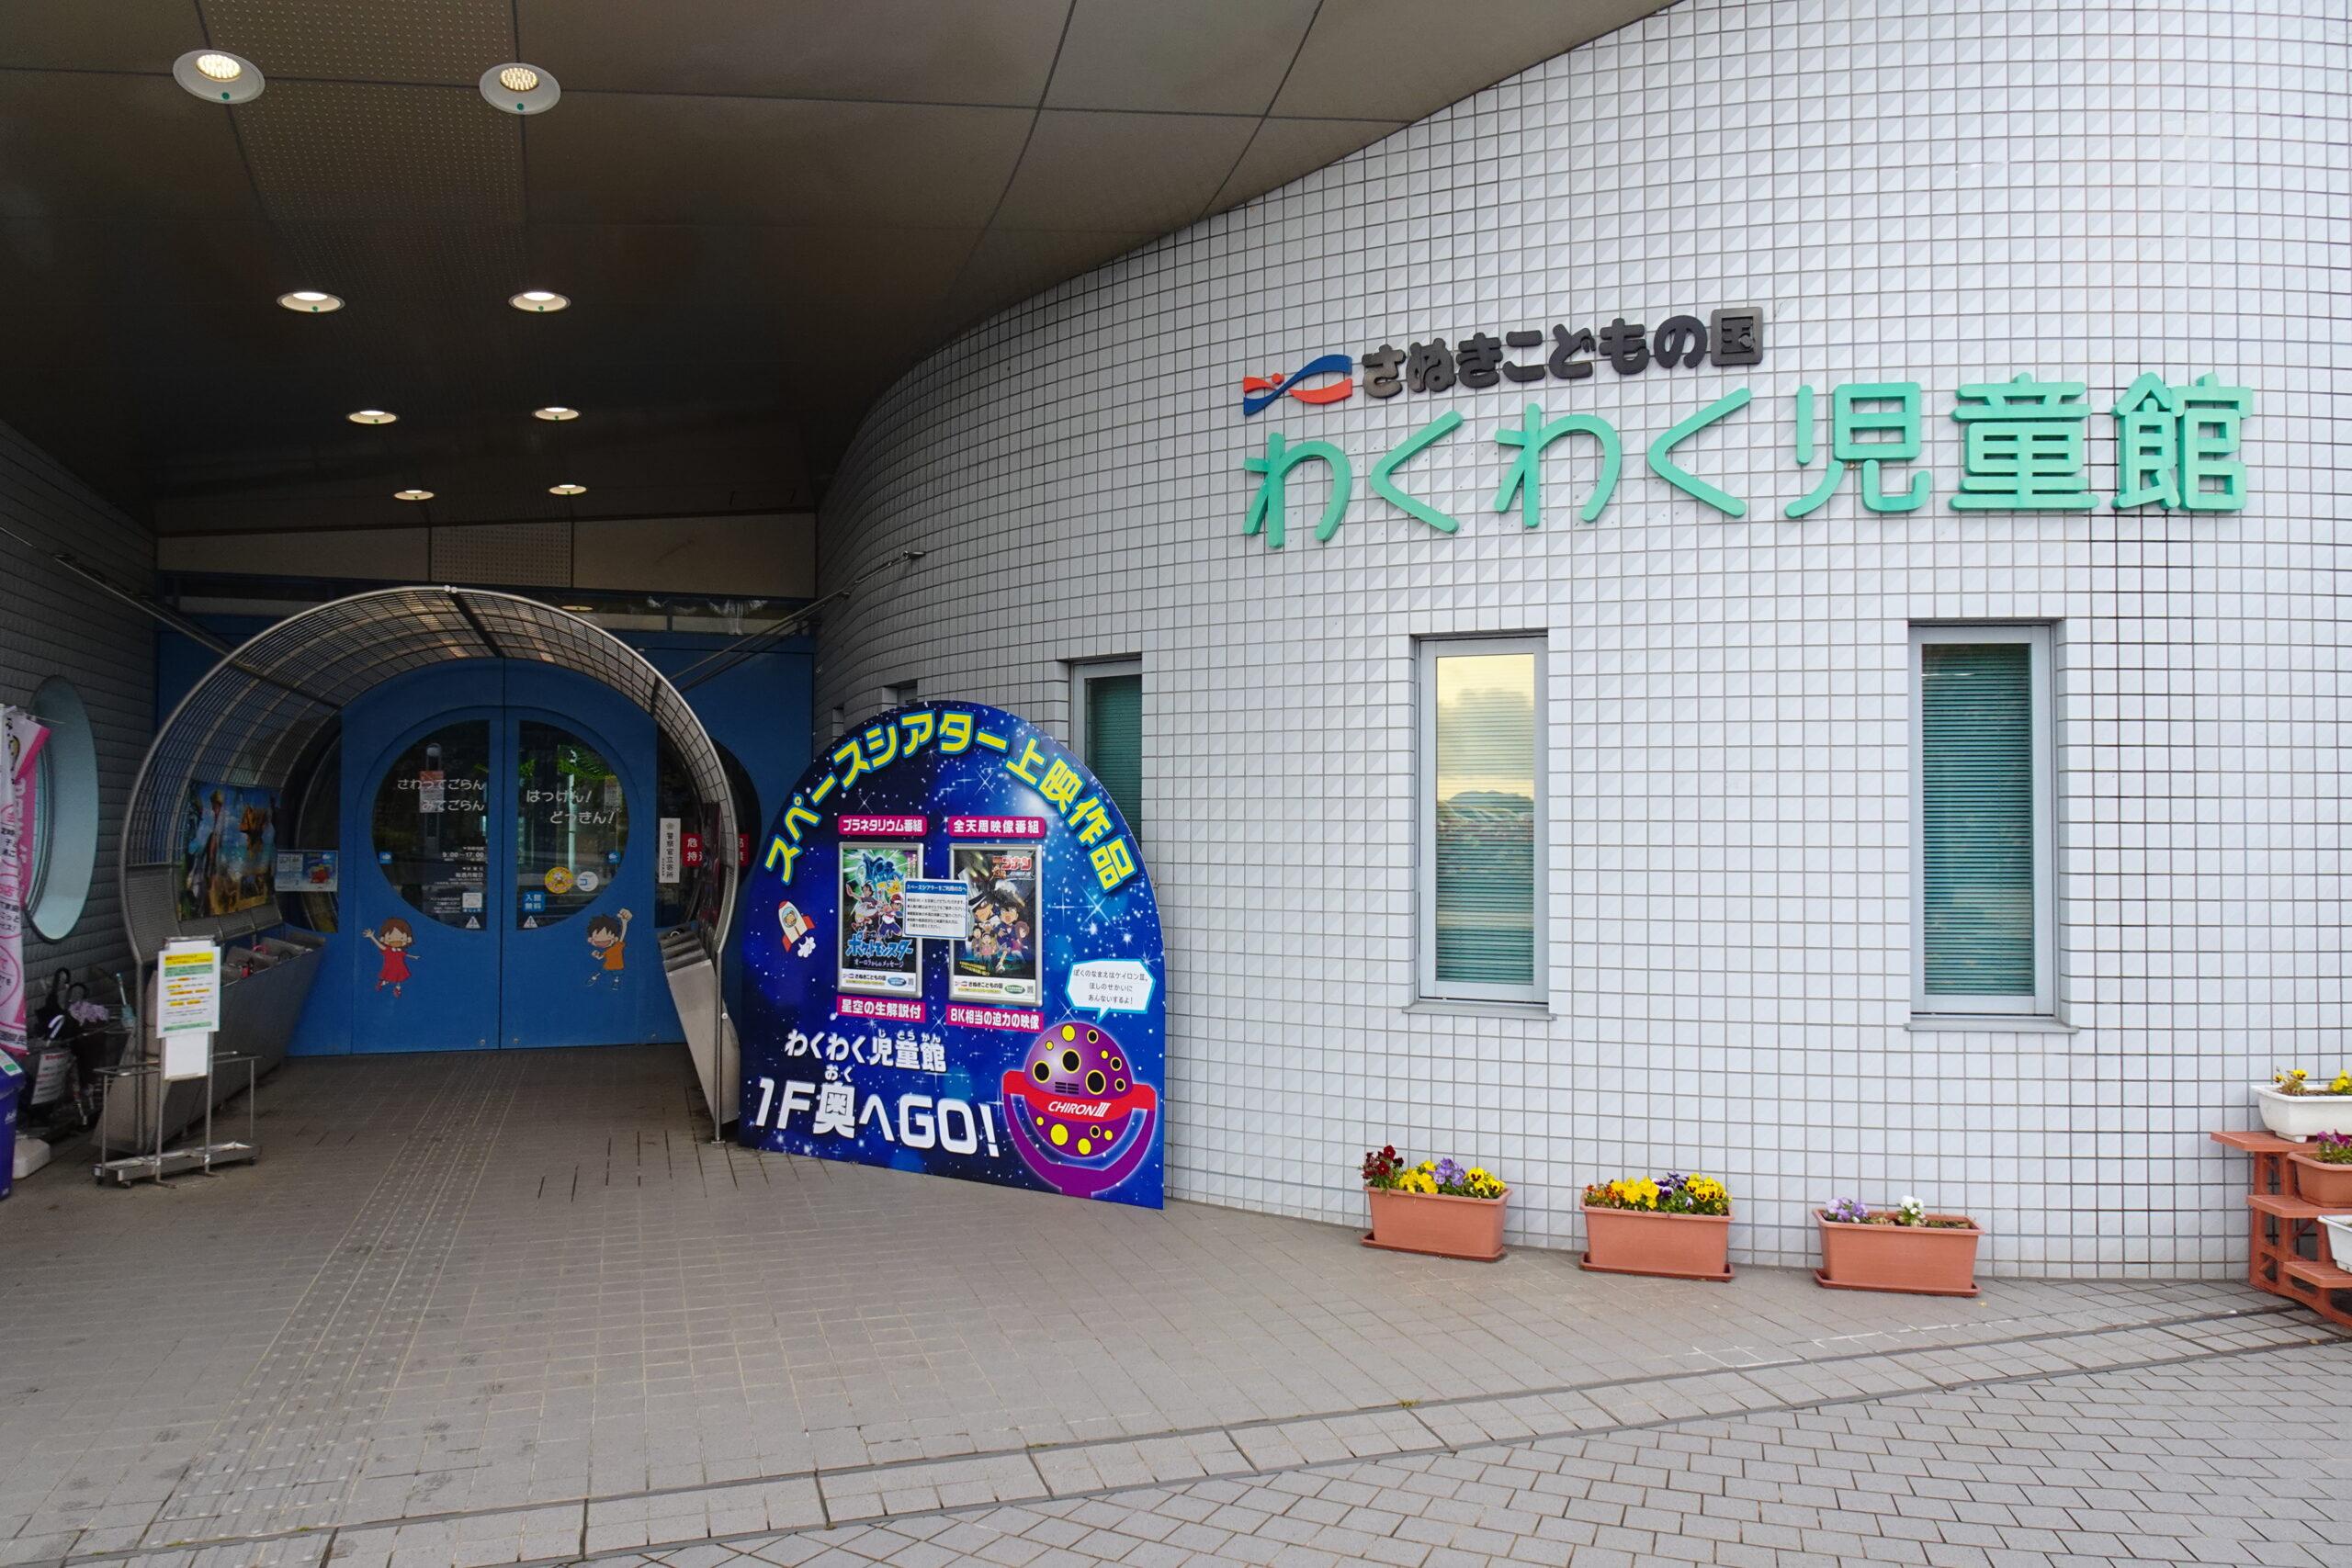 さぬきこどもの国にあるわくわく児童館の入口